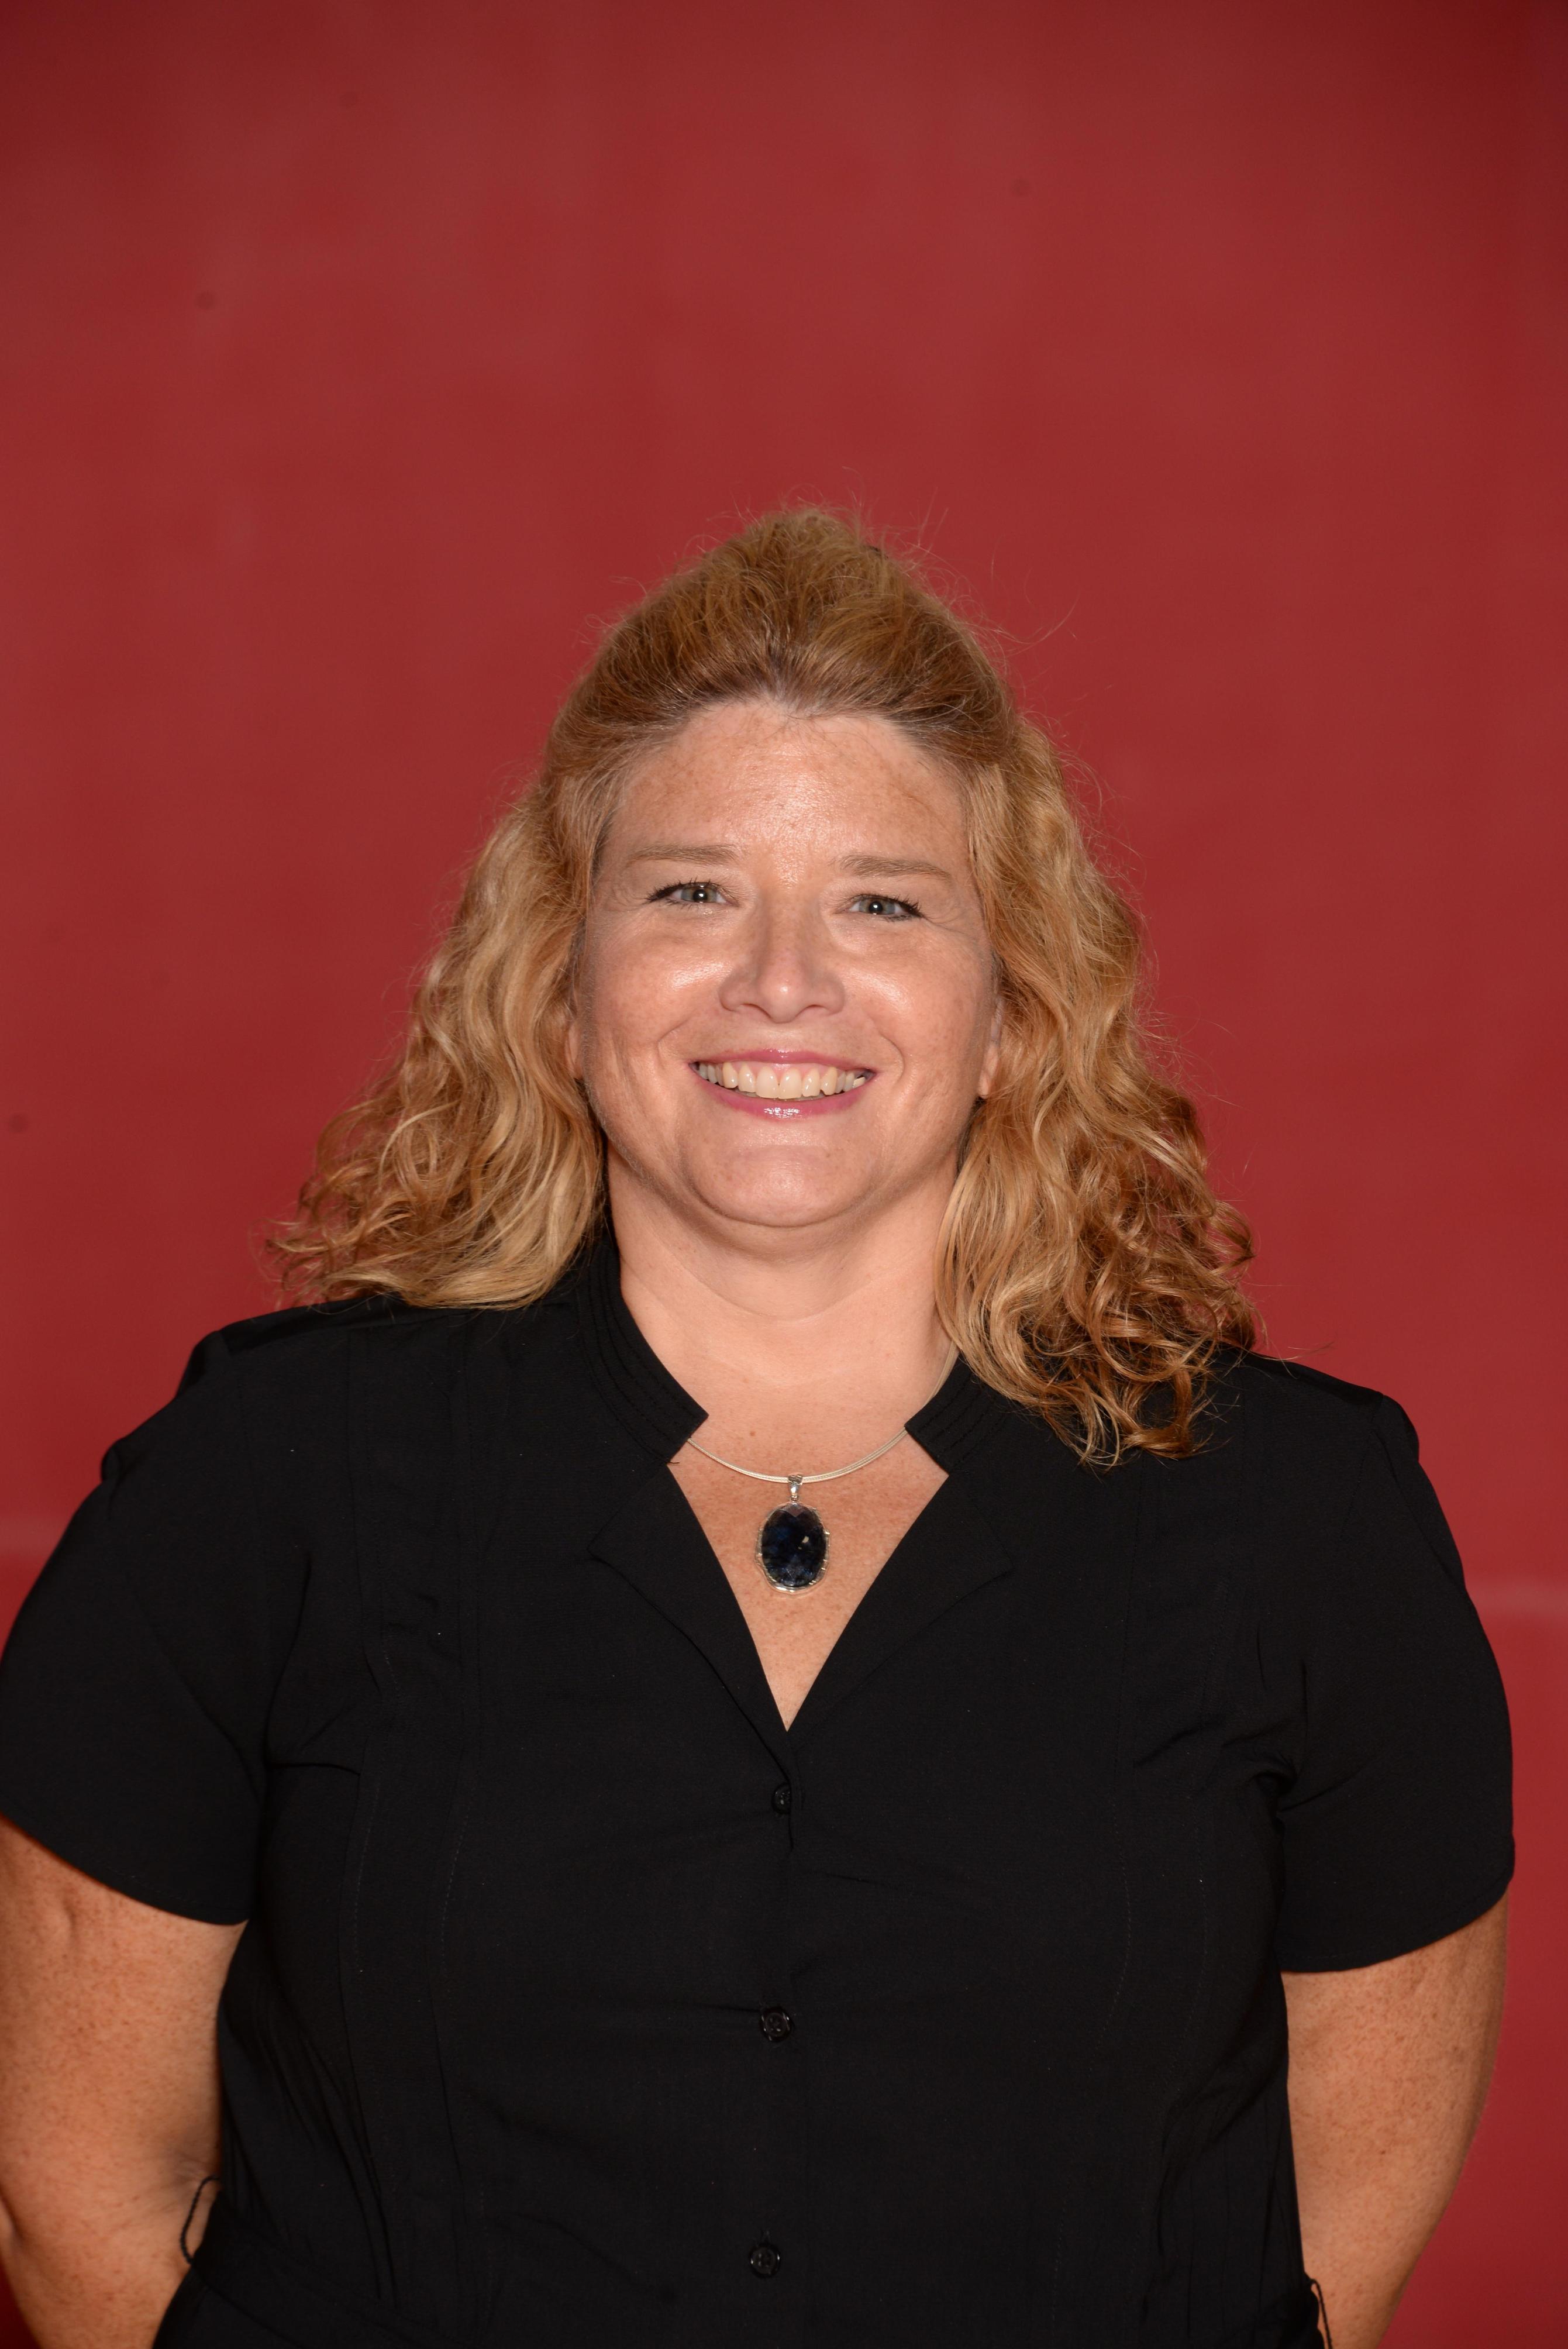 Asst. Coach Shelli D'Orazio